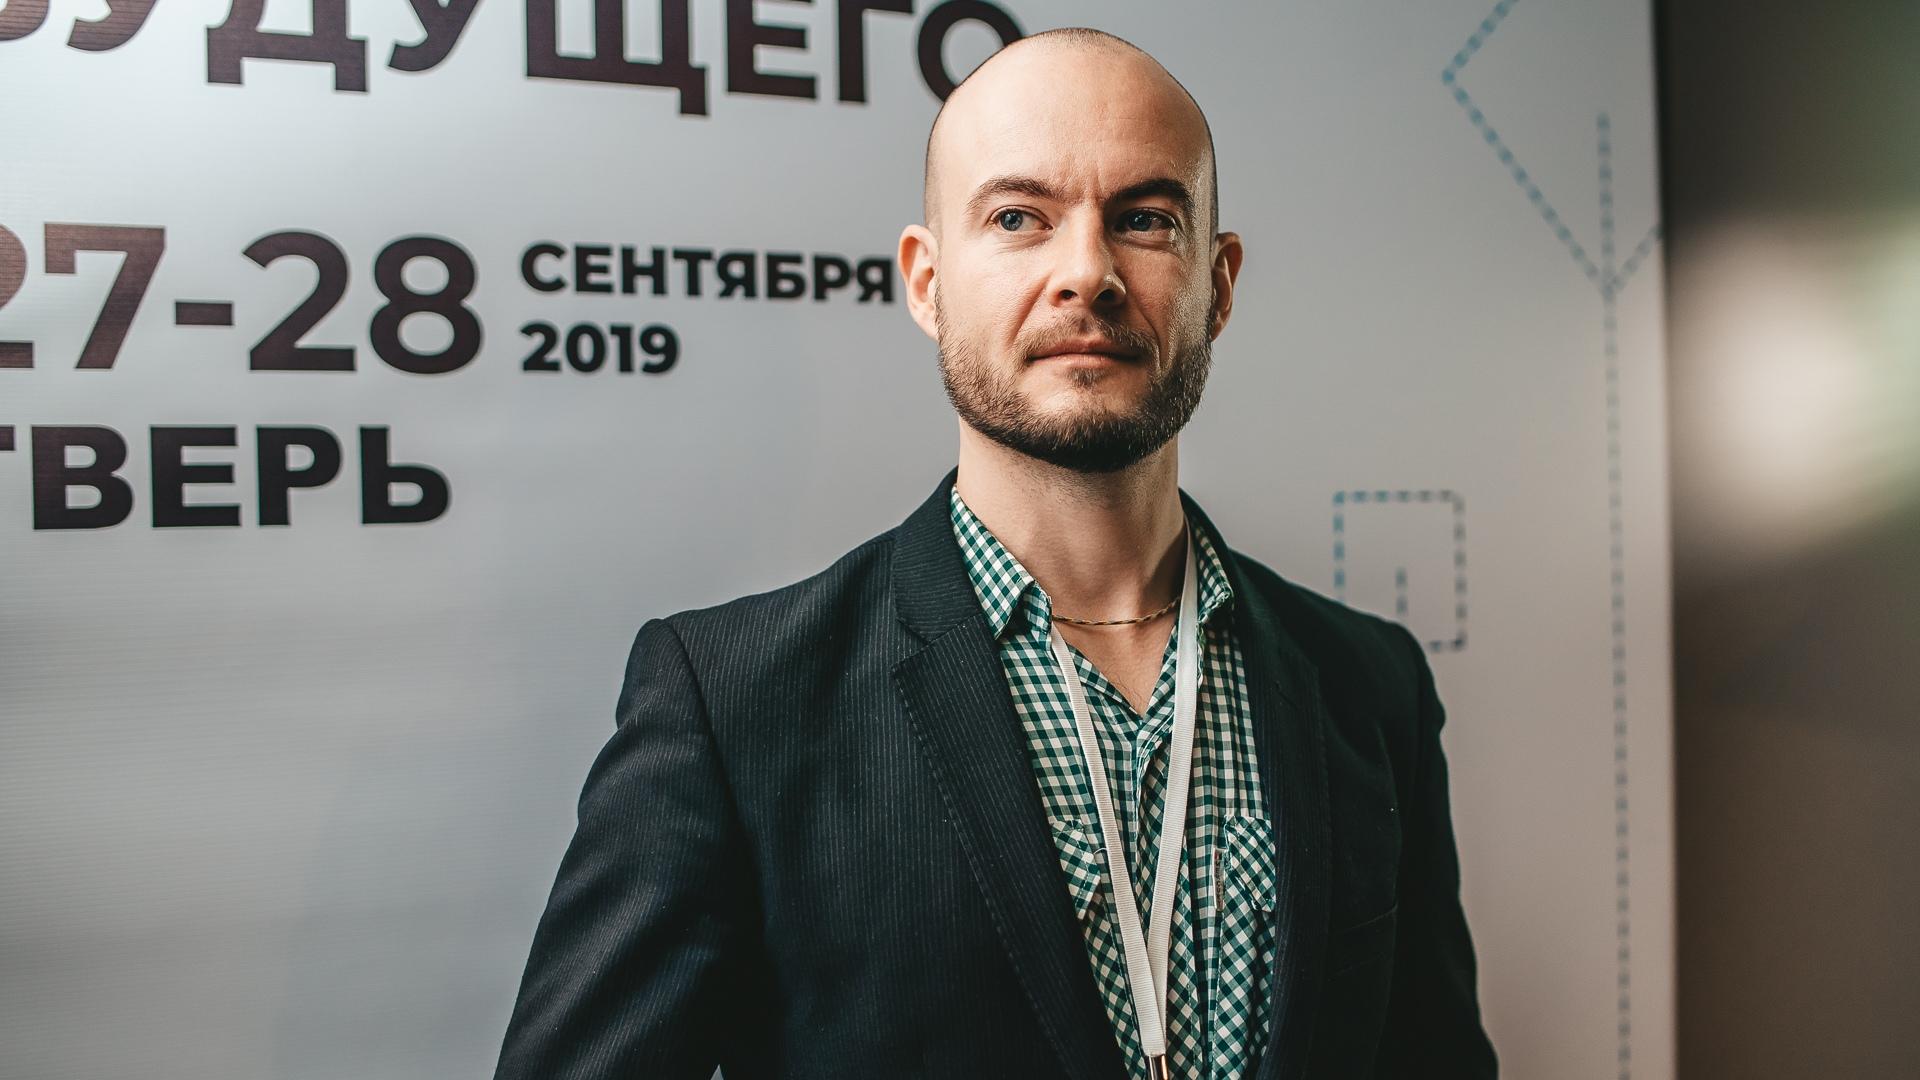 Игорь Докучаев: молодежные медиа стали пользоваться особой поддержкой